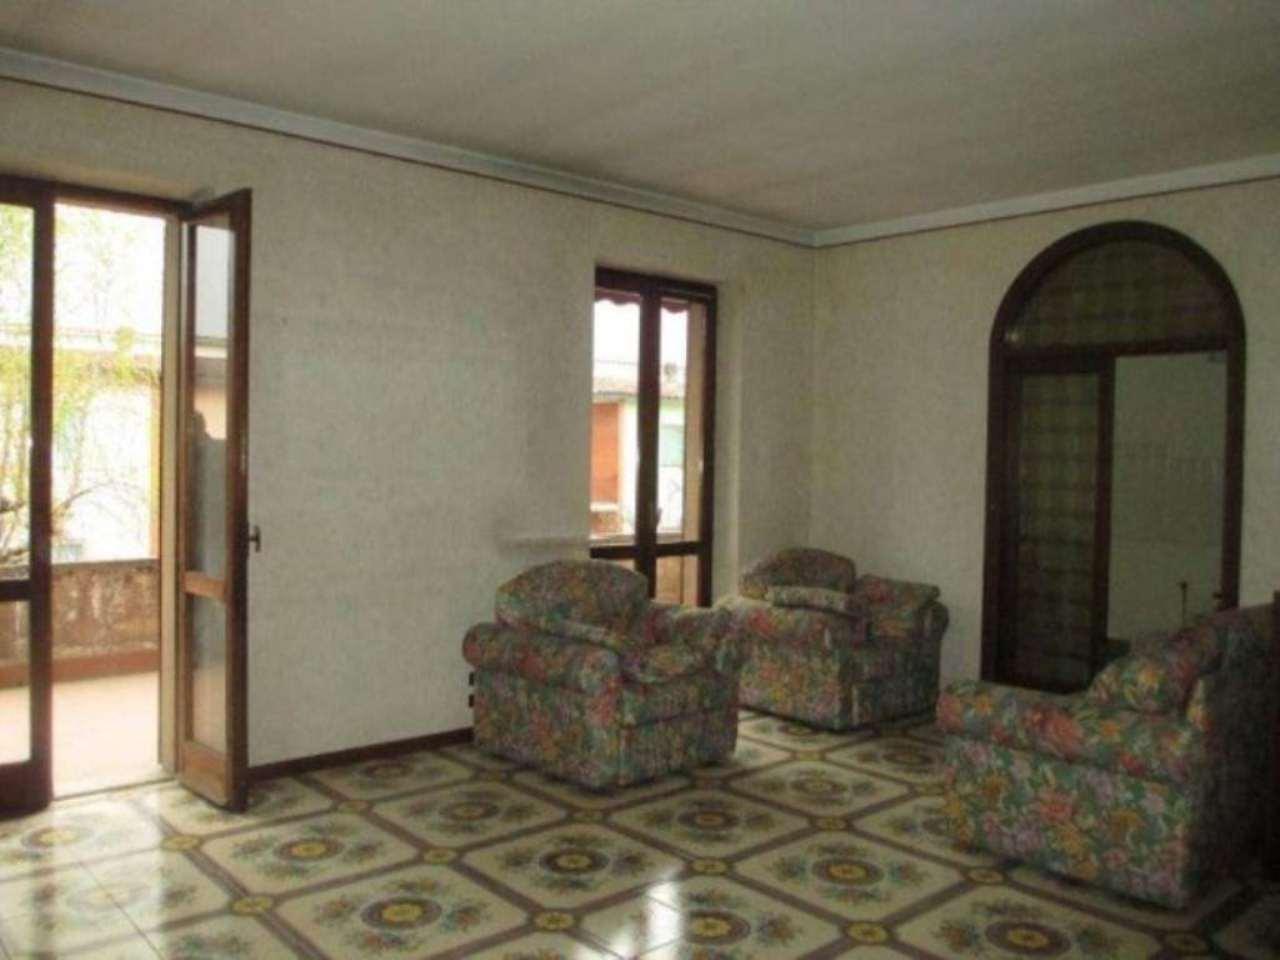 Appartamento in vendita a Trigolo, 2 locali, prezzo € 39.000 | CambioCasa.it